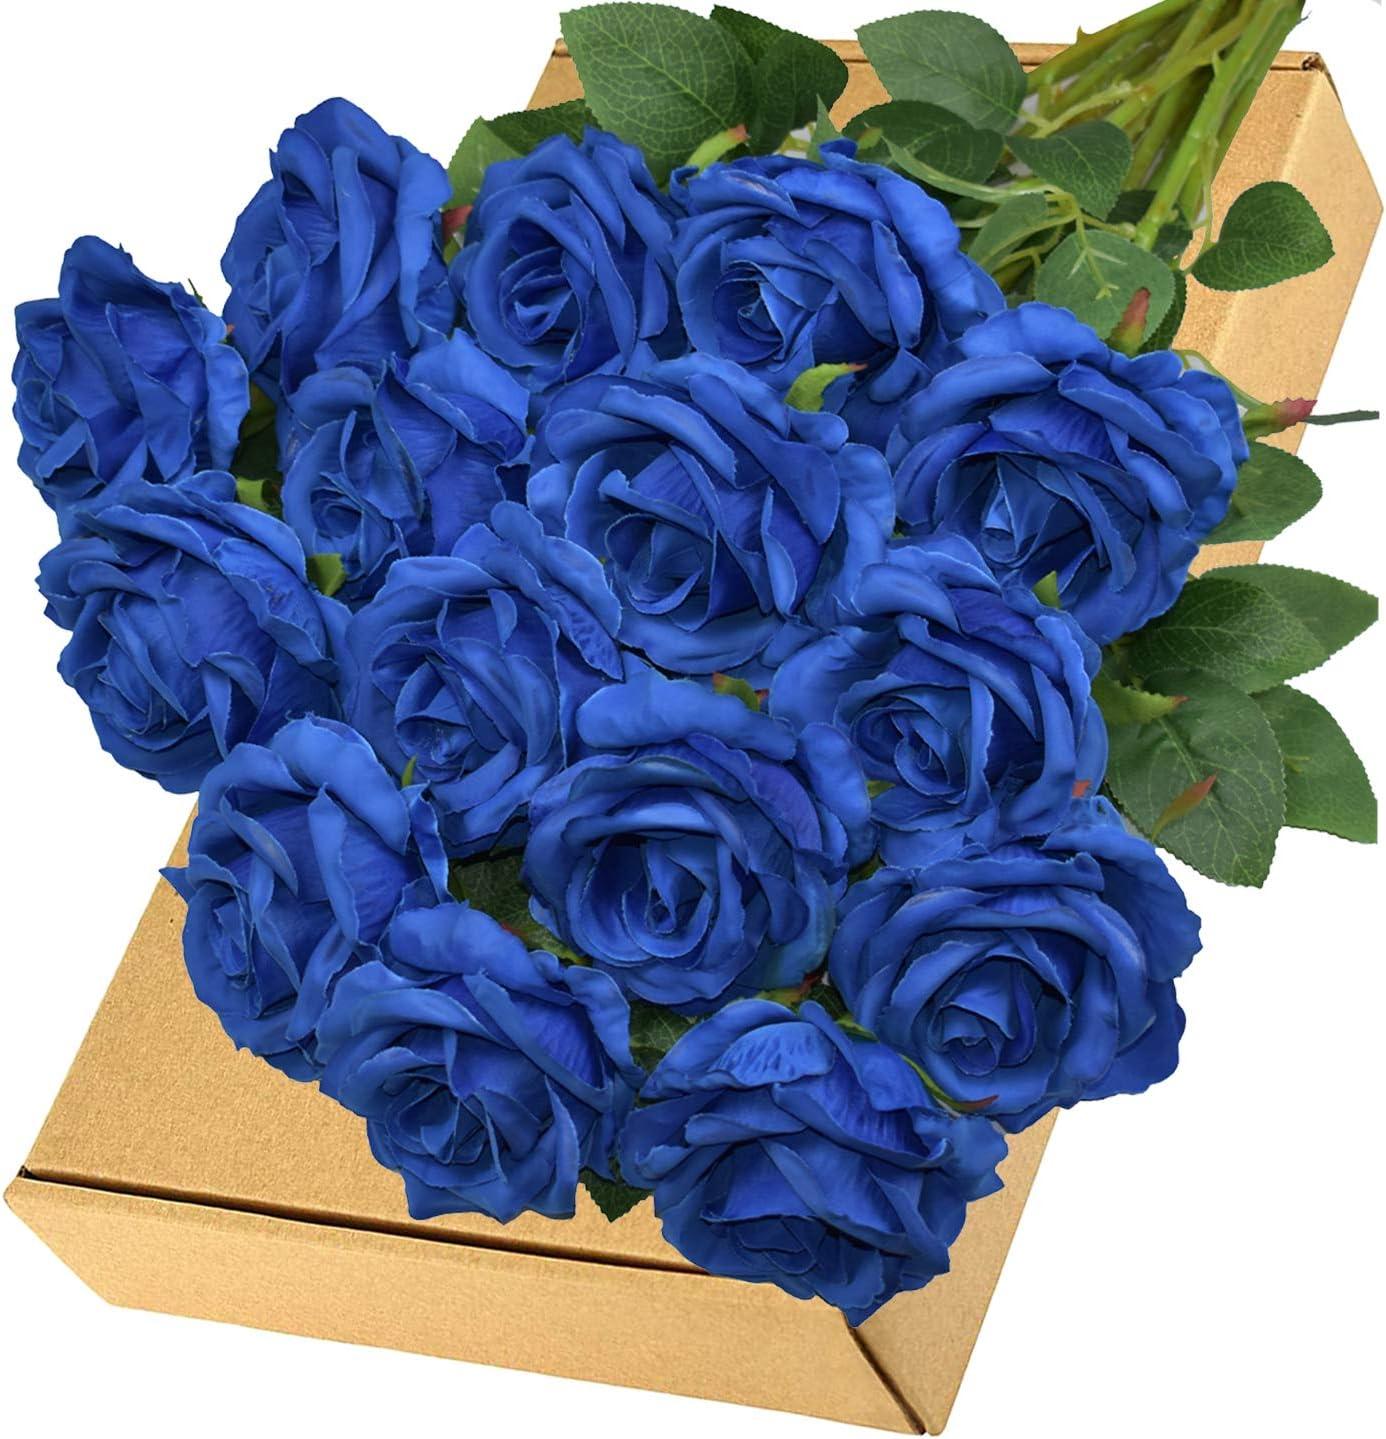 bridesmaids flowers faux bouqiets silk bridal wedding flowers burgandy wedding flowers Realistic Bridal bouquets artificial flowers